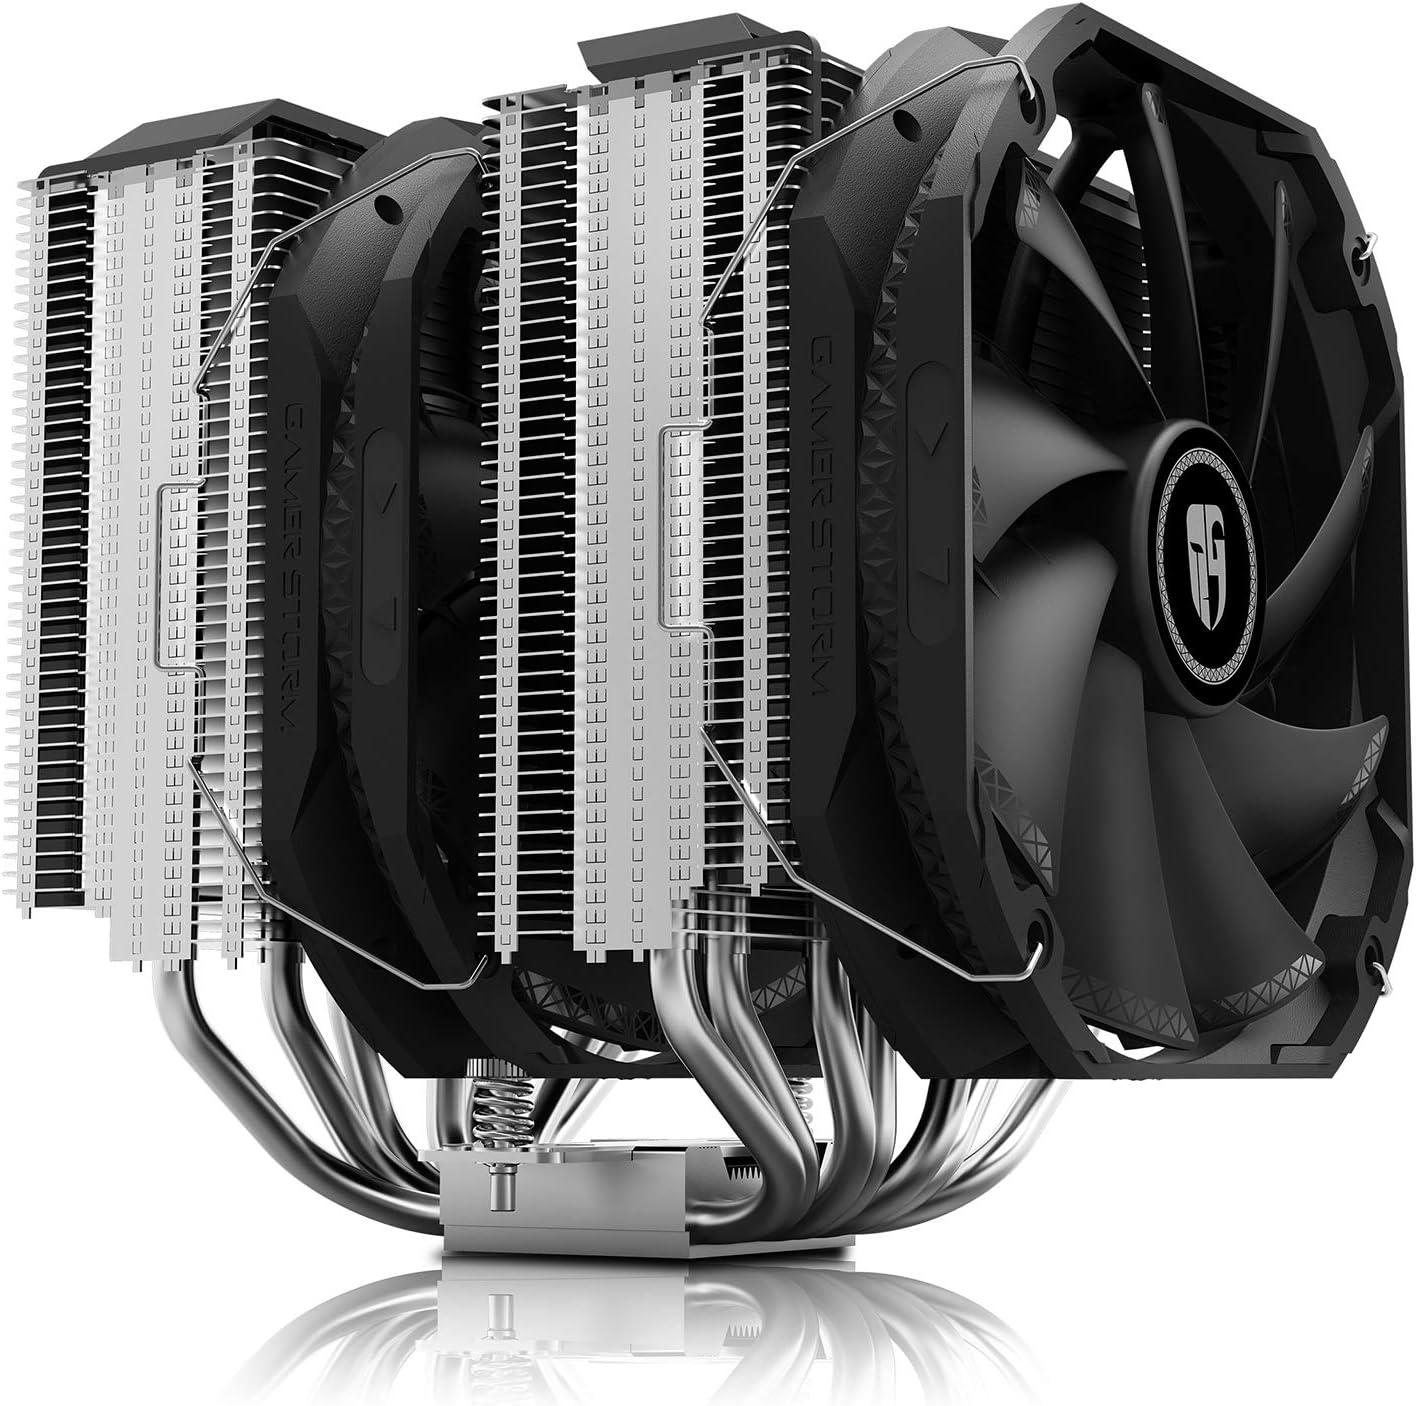 DEEP COOL Assassin III, Disipador de CPU, 7 Tubos del Calor, Doble Torre, Doble CPU Ventiladores de 140 mm, 54 mm de RAM, TDP de 280W,con Tecnología de Nueva Sinterización